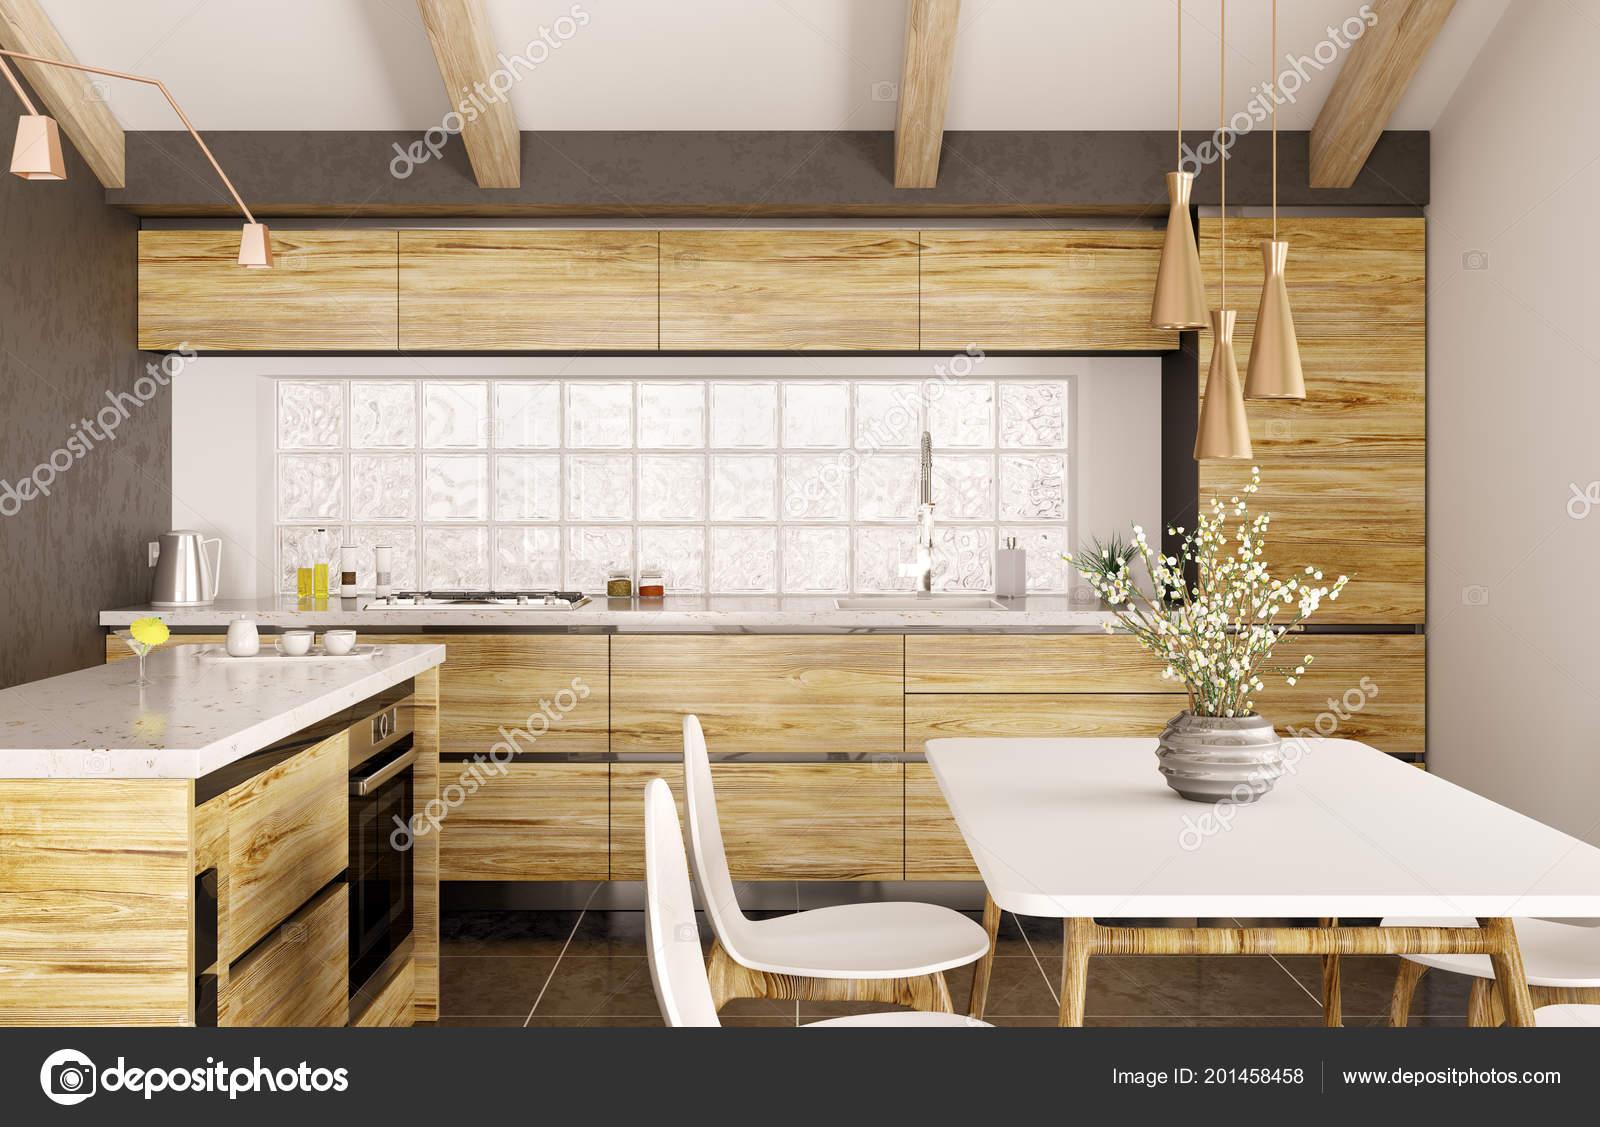 Elegant Design Intérieur Moderne De Cuisine En Bois Avec îlot, Comptoir De Marbre  Blanc, Fenêtre, Table Et Rendu 3d De Chaises U2014 Image De ...